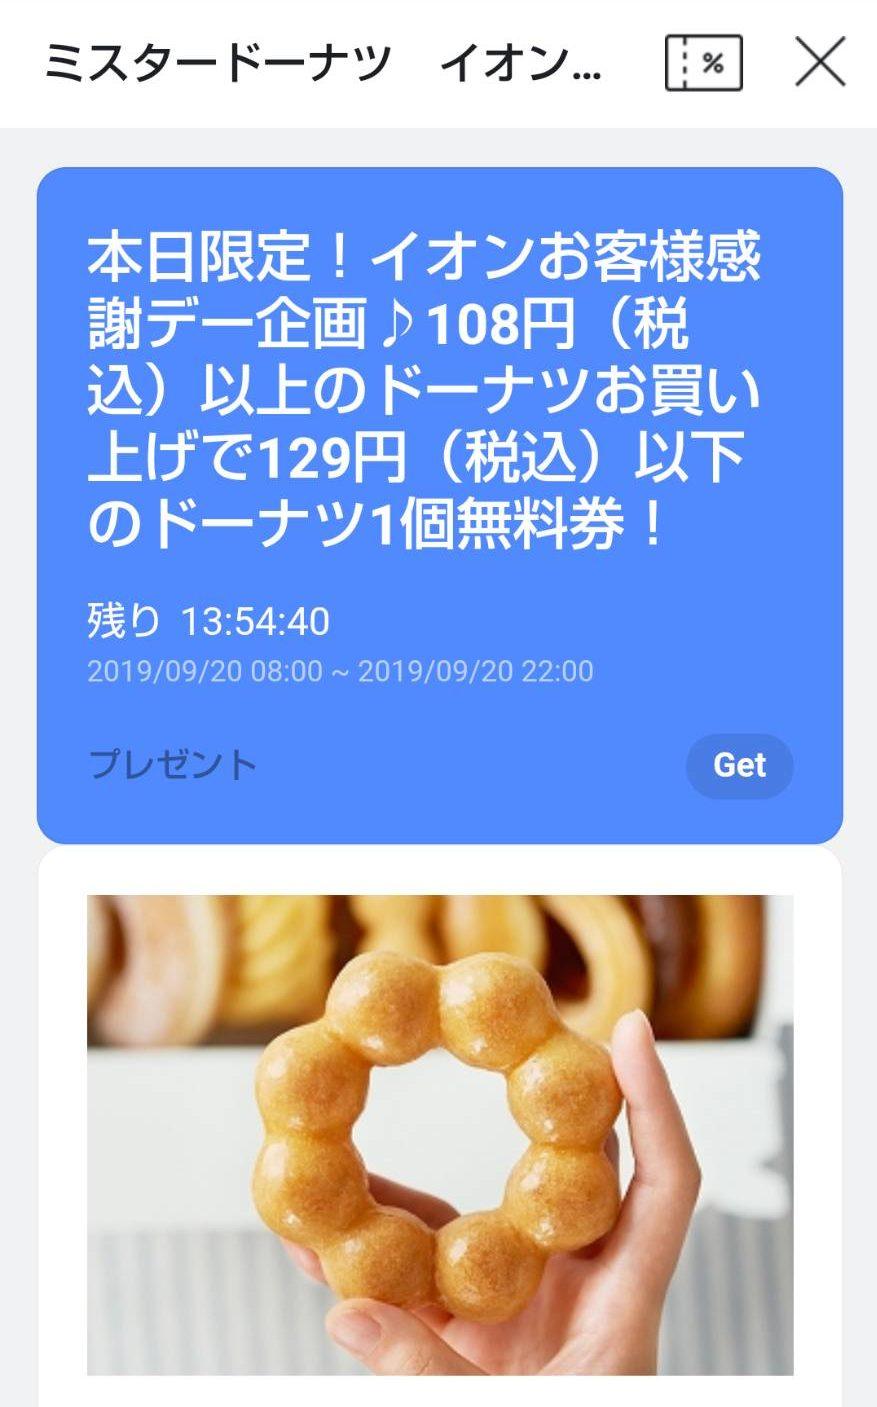 LINEでミスタードーナツのイオン内店舗で1個買うと1個無料、6個で648円セール。本日限定。